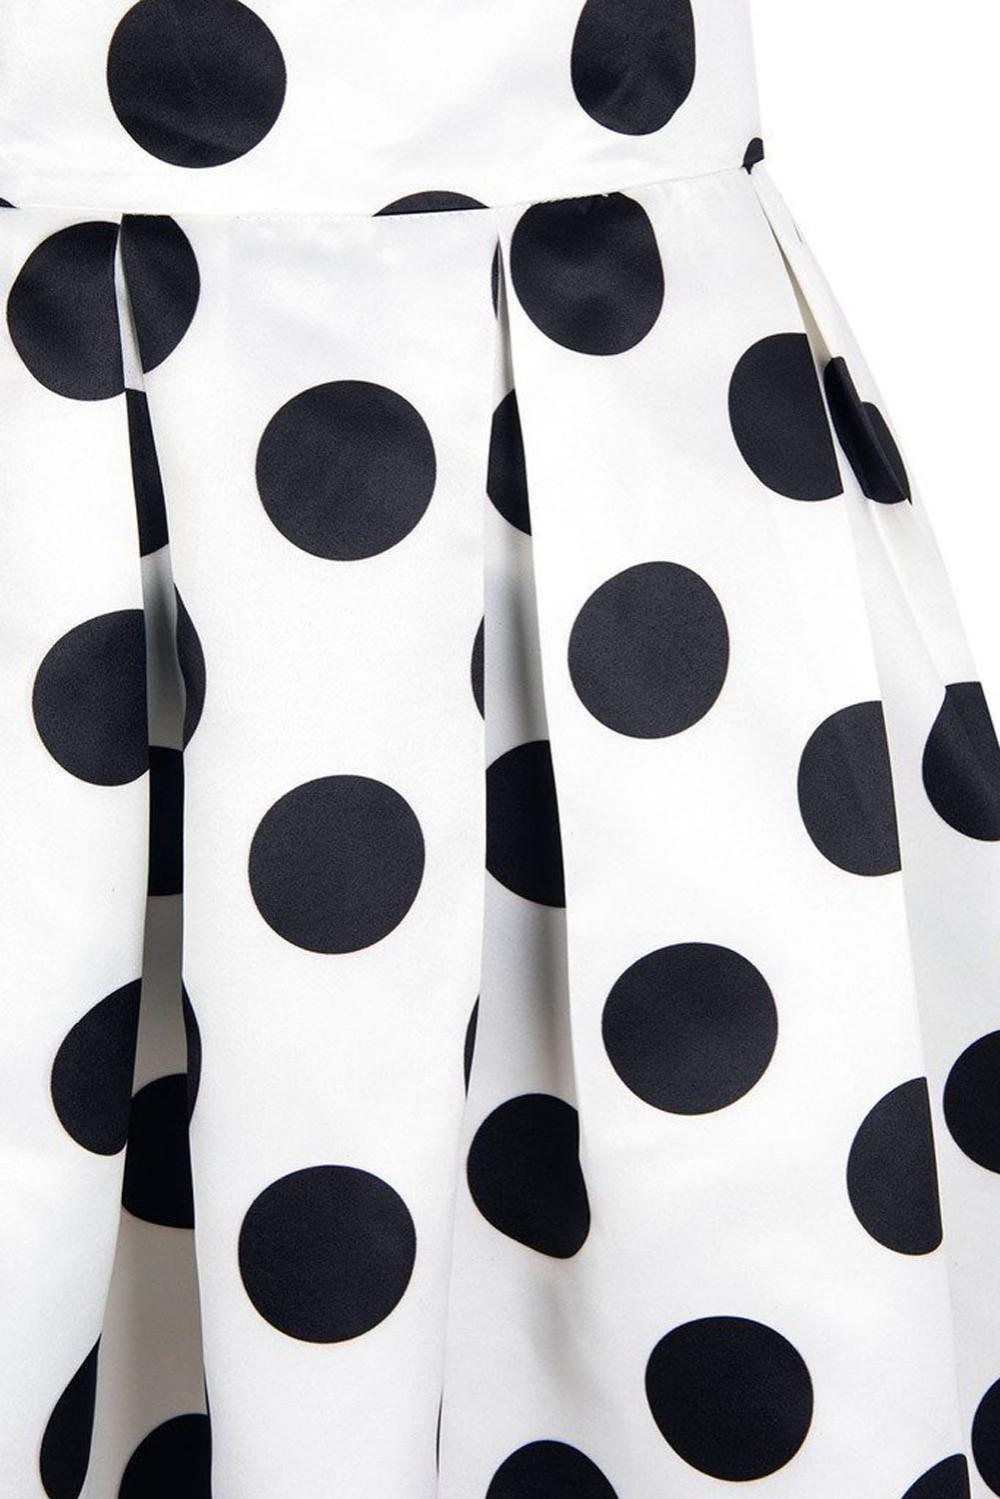 High-Waist-Polka-Dot-Print-Pleated-Maxi-Skirt-LC65019-1-8